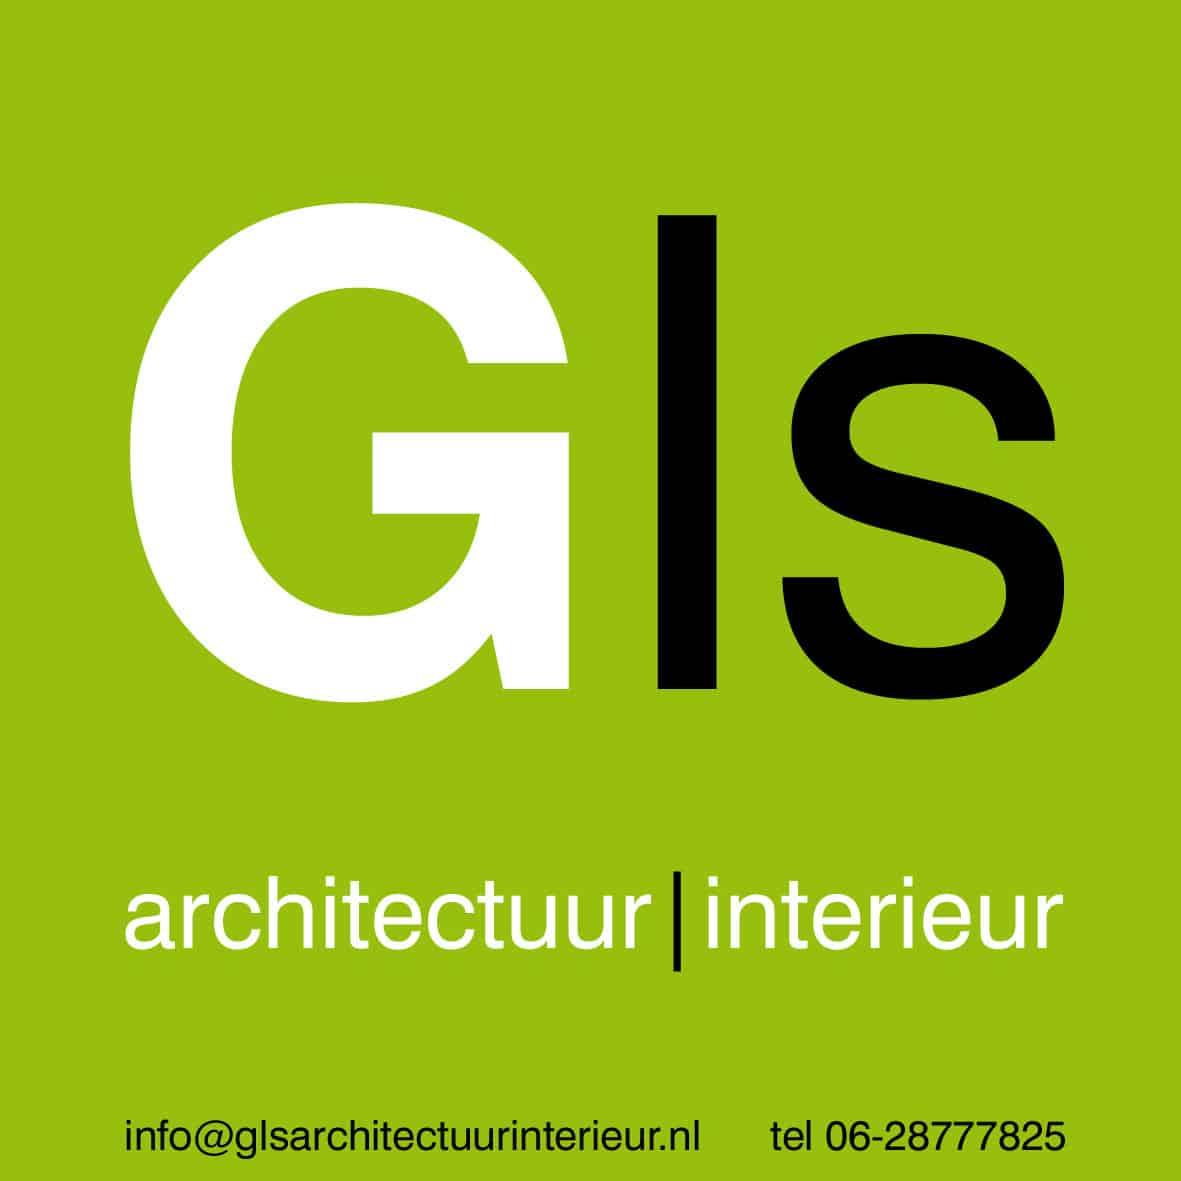 Groenen Architectuur